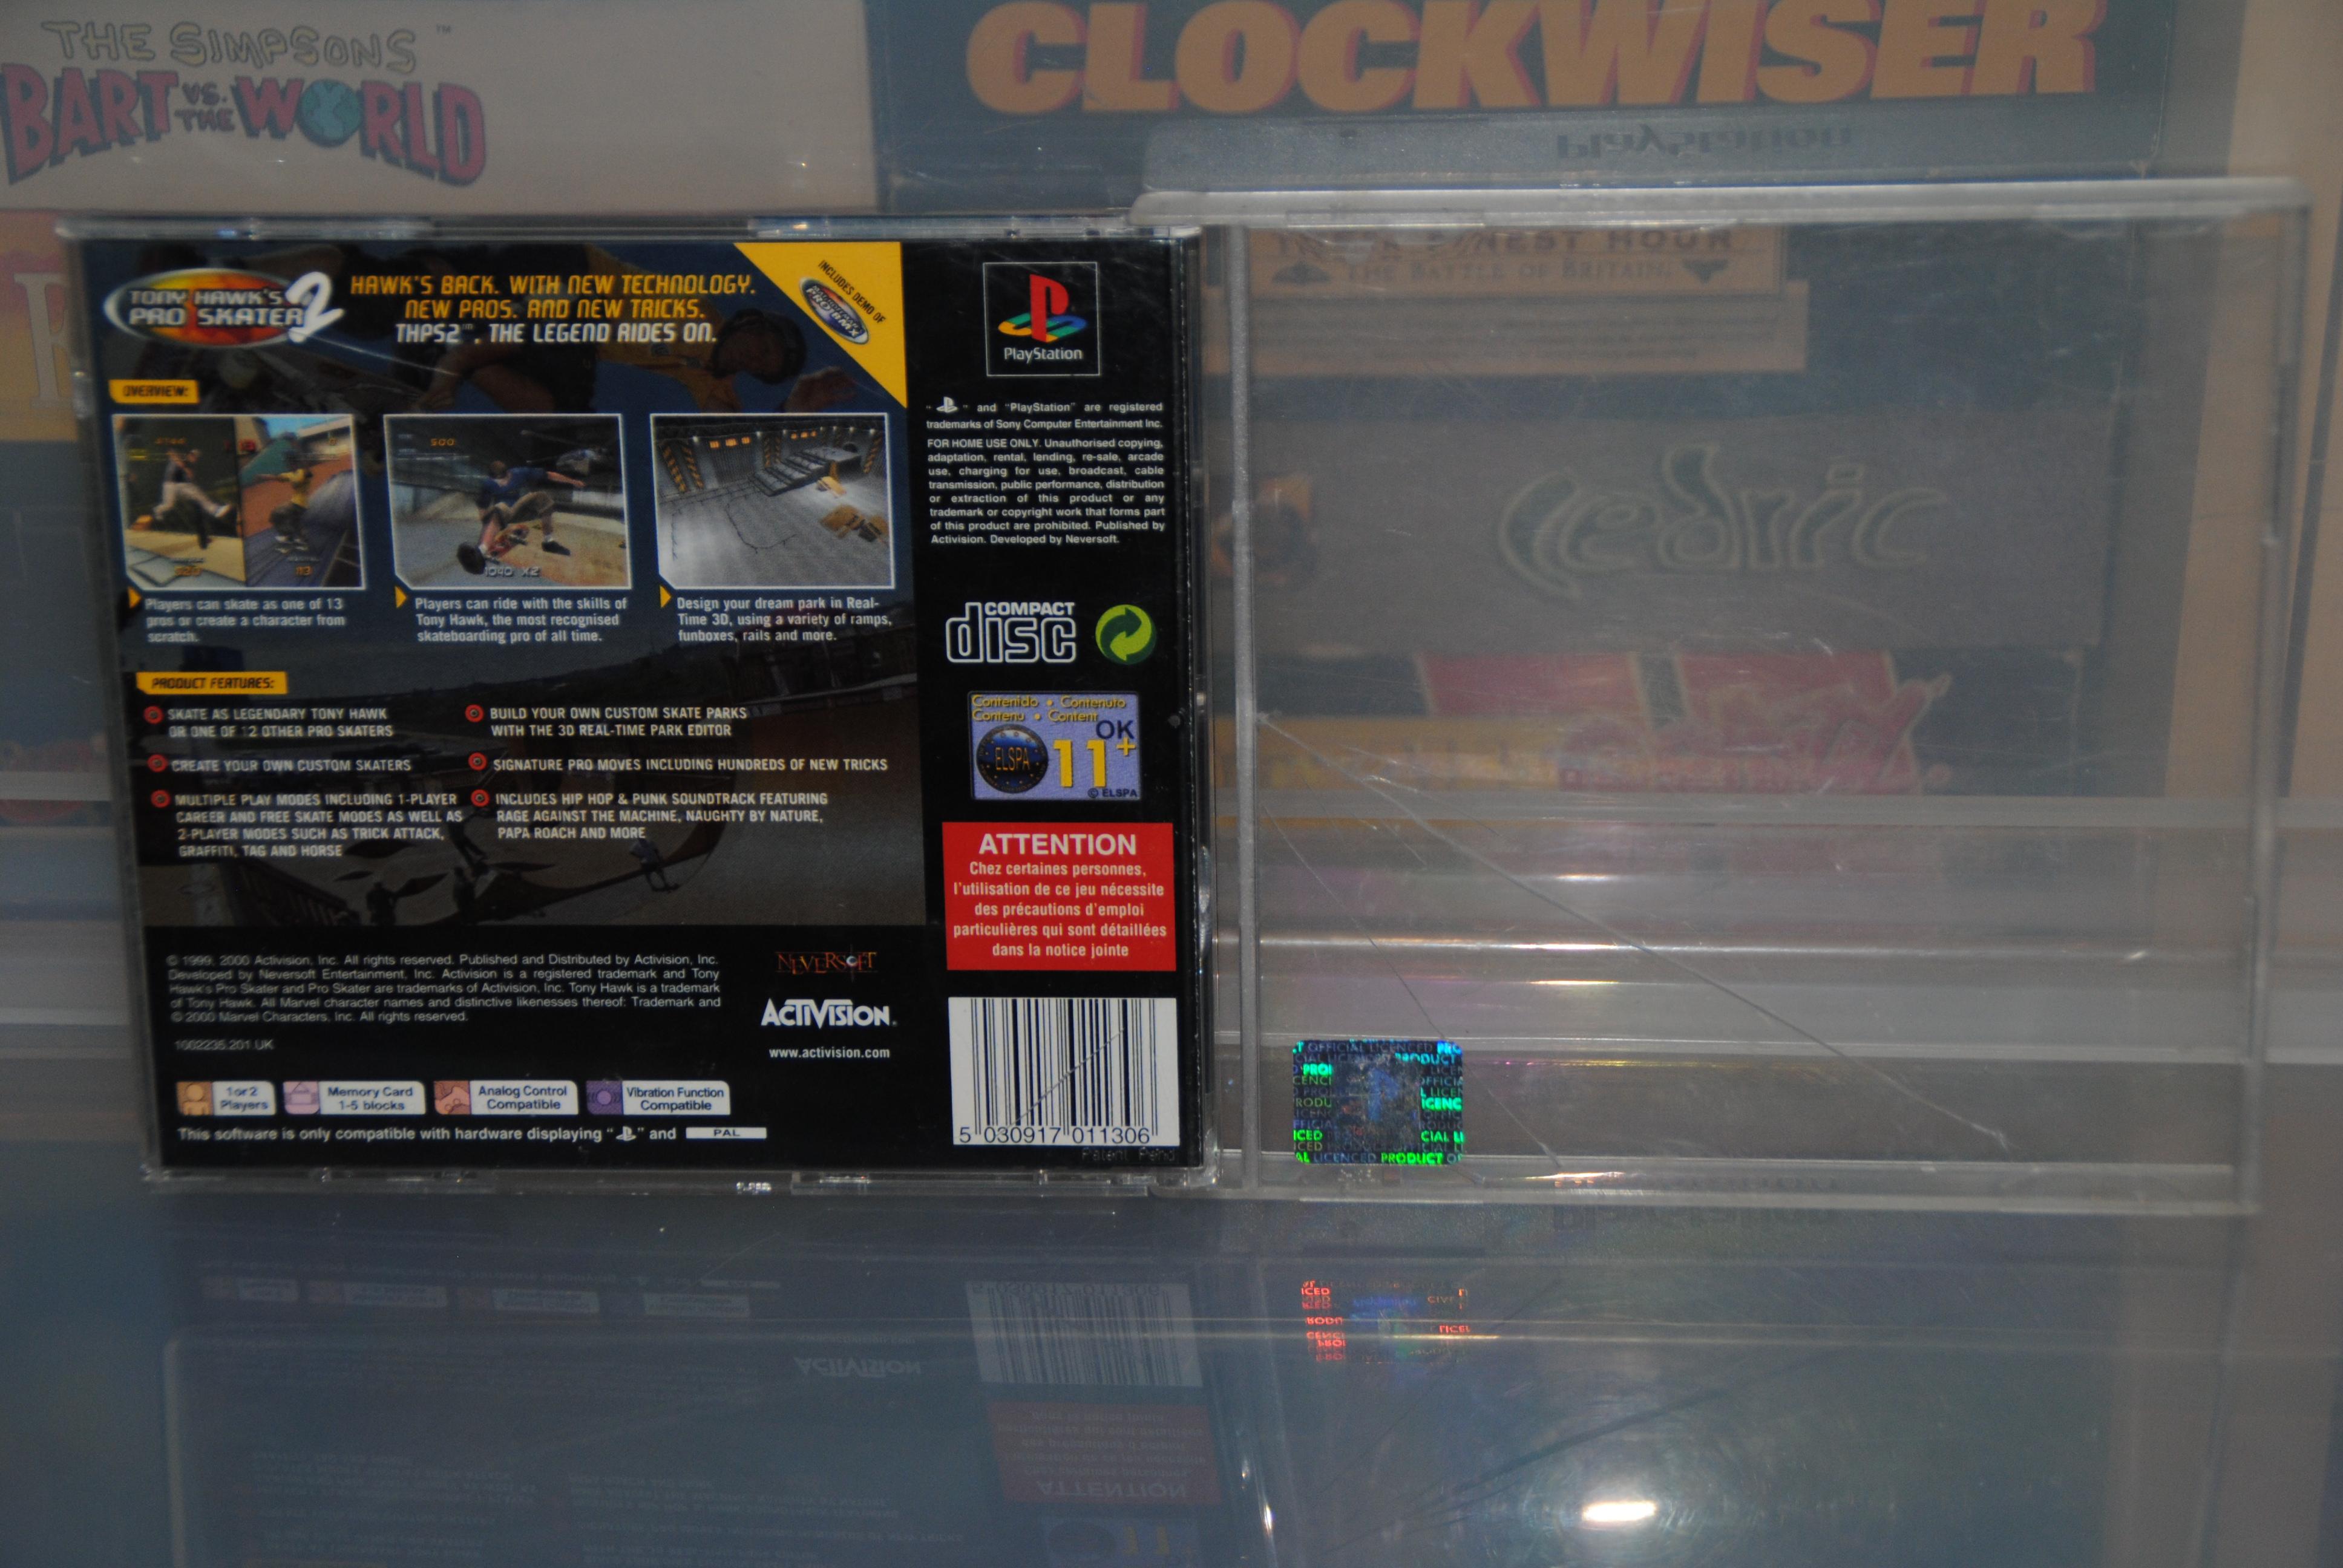 Activision - Tony Hawk Pro Skater 2 Box